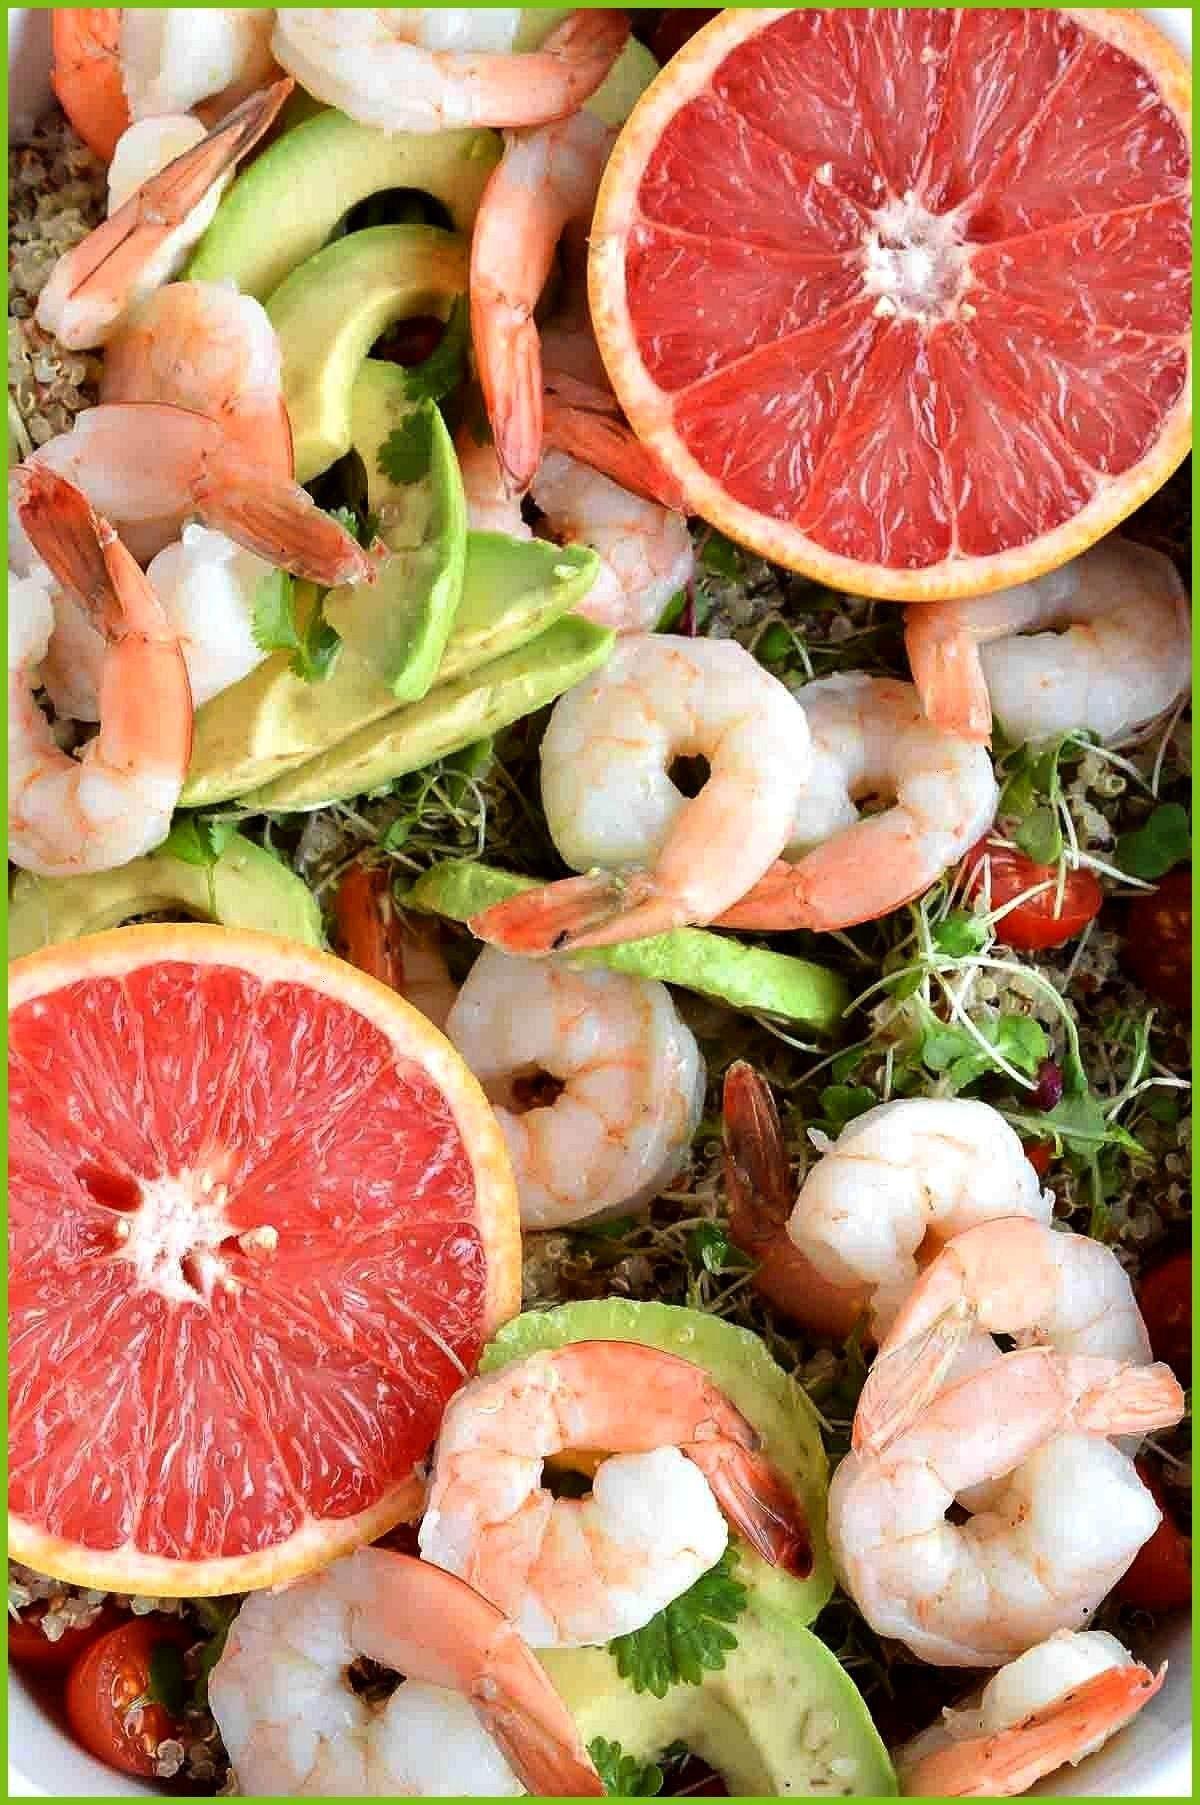 Avocado Salad boiledshrimp Shrimp Avocado Salad with Quinoa and Grapefruit Dressing is a bright fla